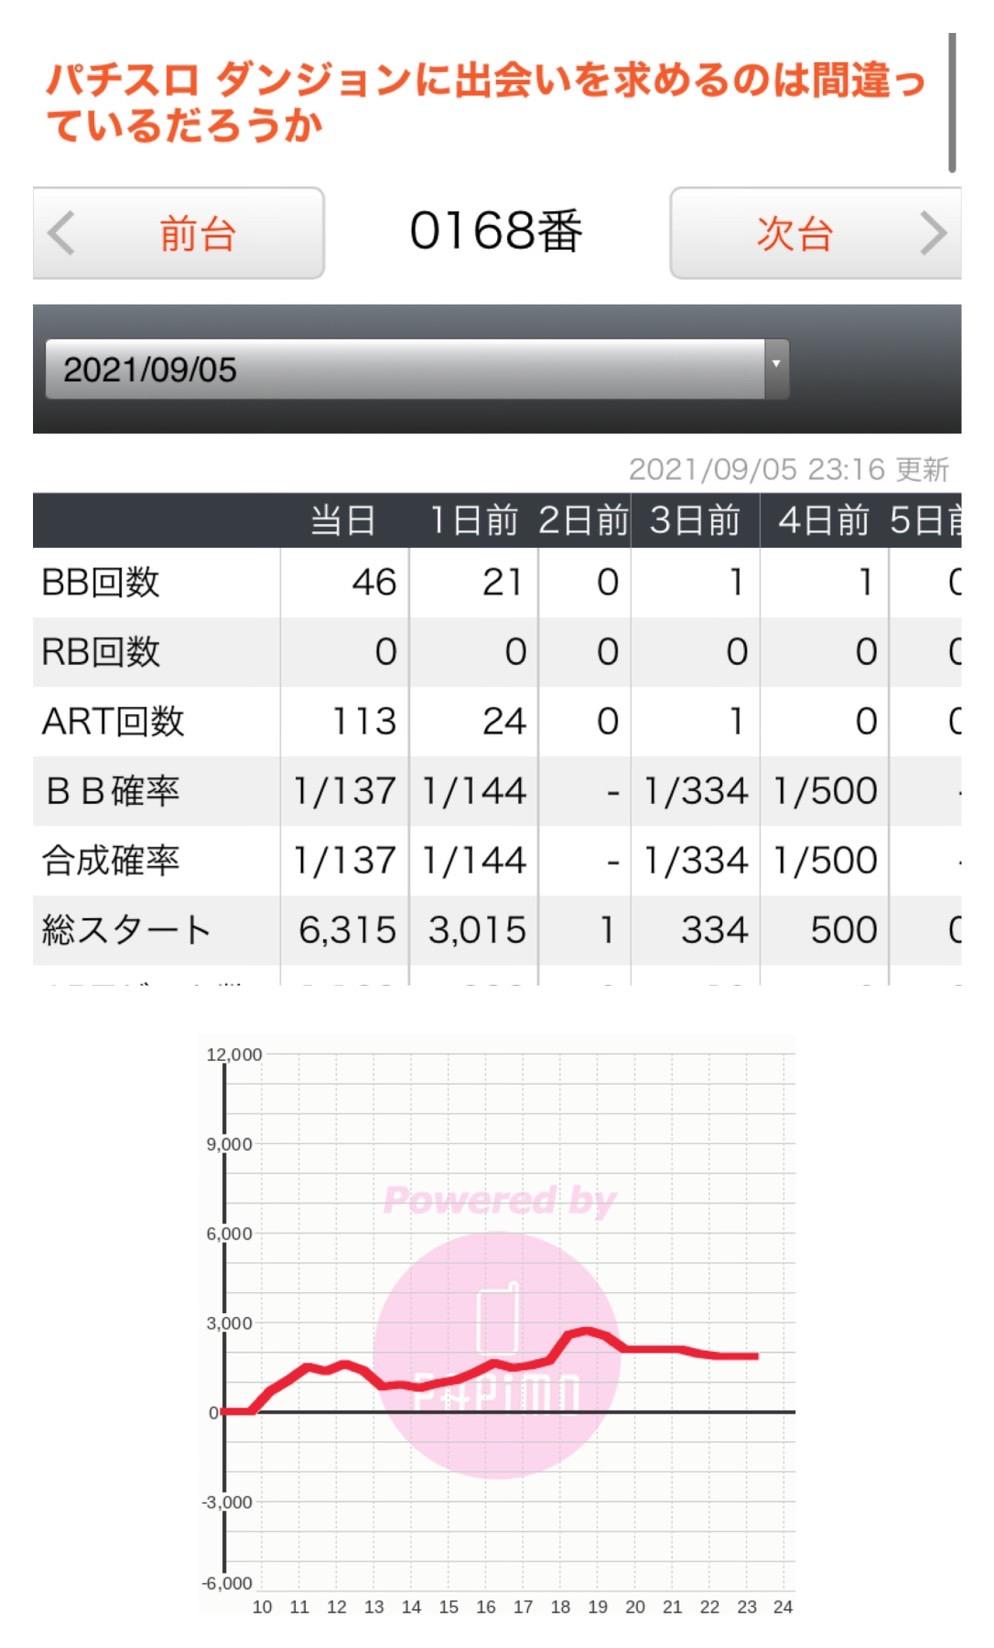 db83165205ed7ec18101951b4db8125d0994b67a